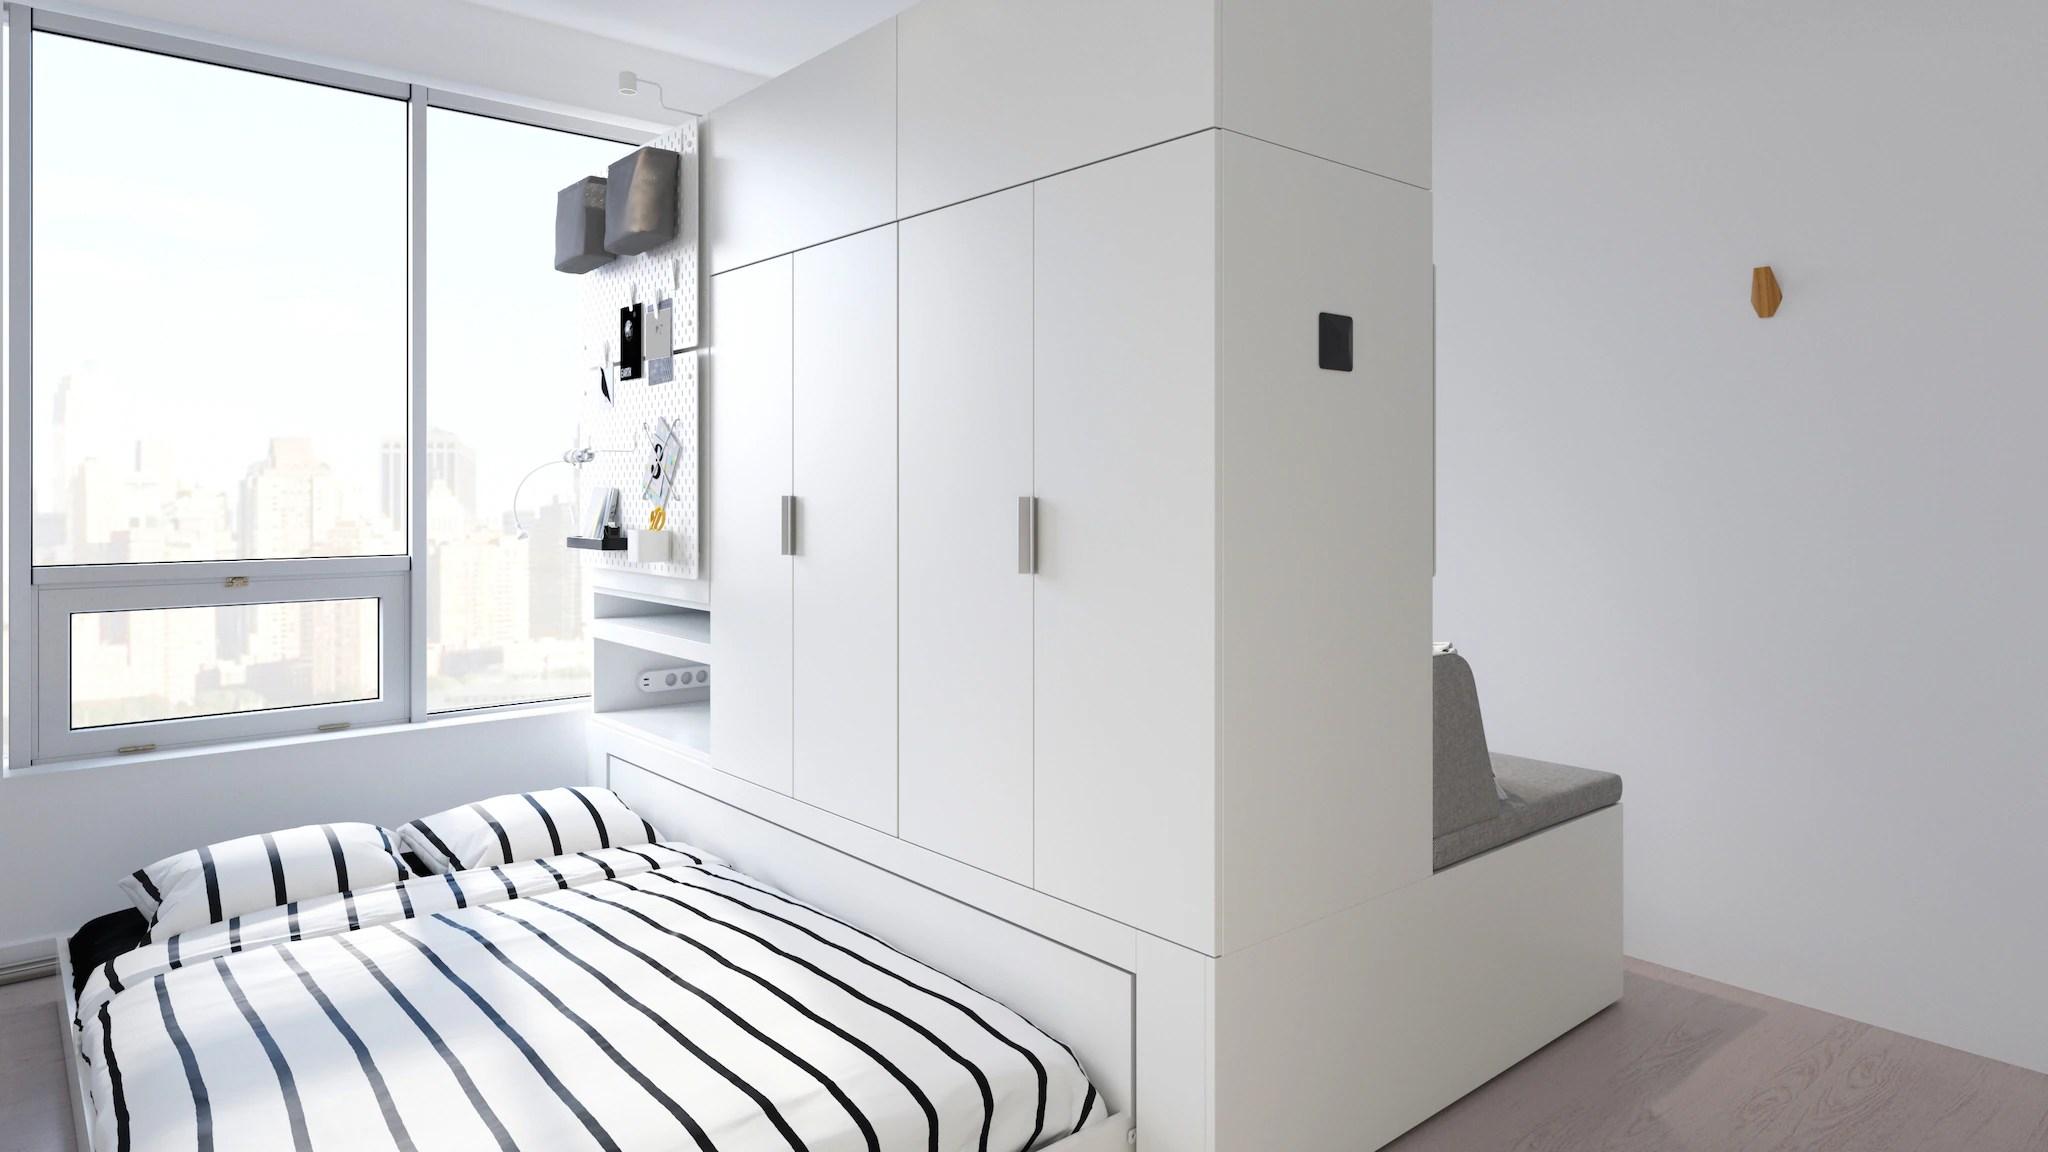 Ikea Lancerà Una Linea Di Armadi Motorizzati Nel 2020 Domus